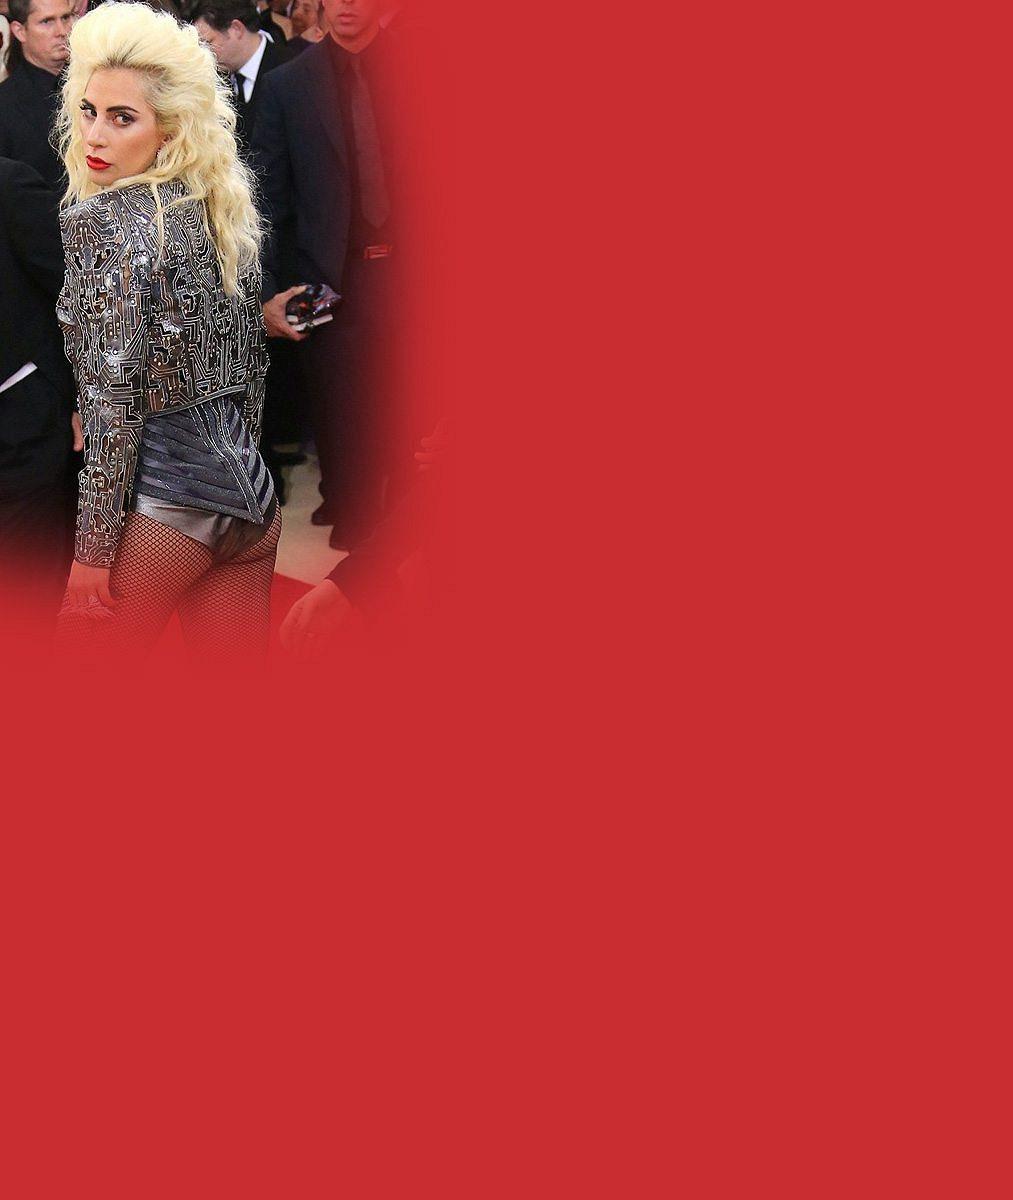 Macaté období je pryč: Lady Gaga překvapila štíhlými křivkami v rajcovním outfitu